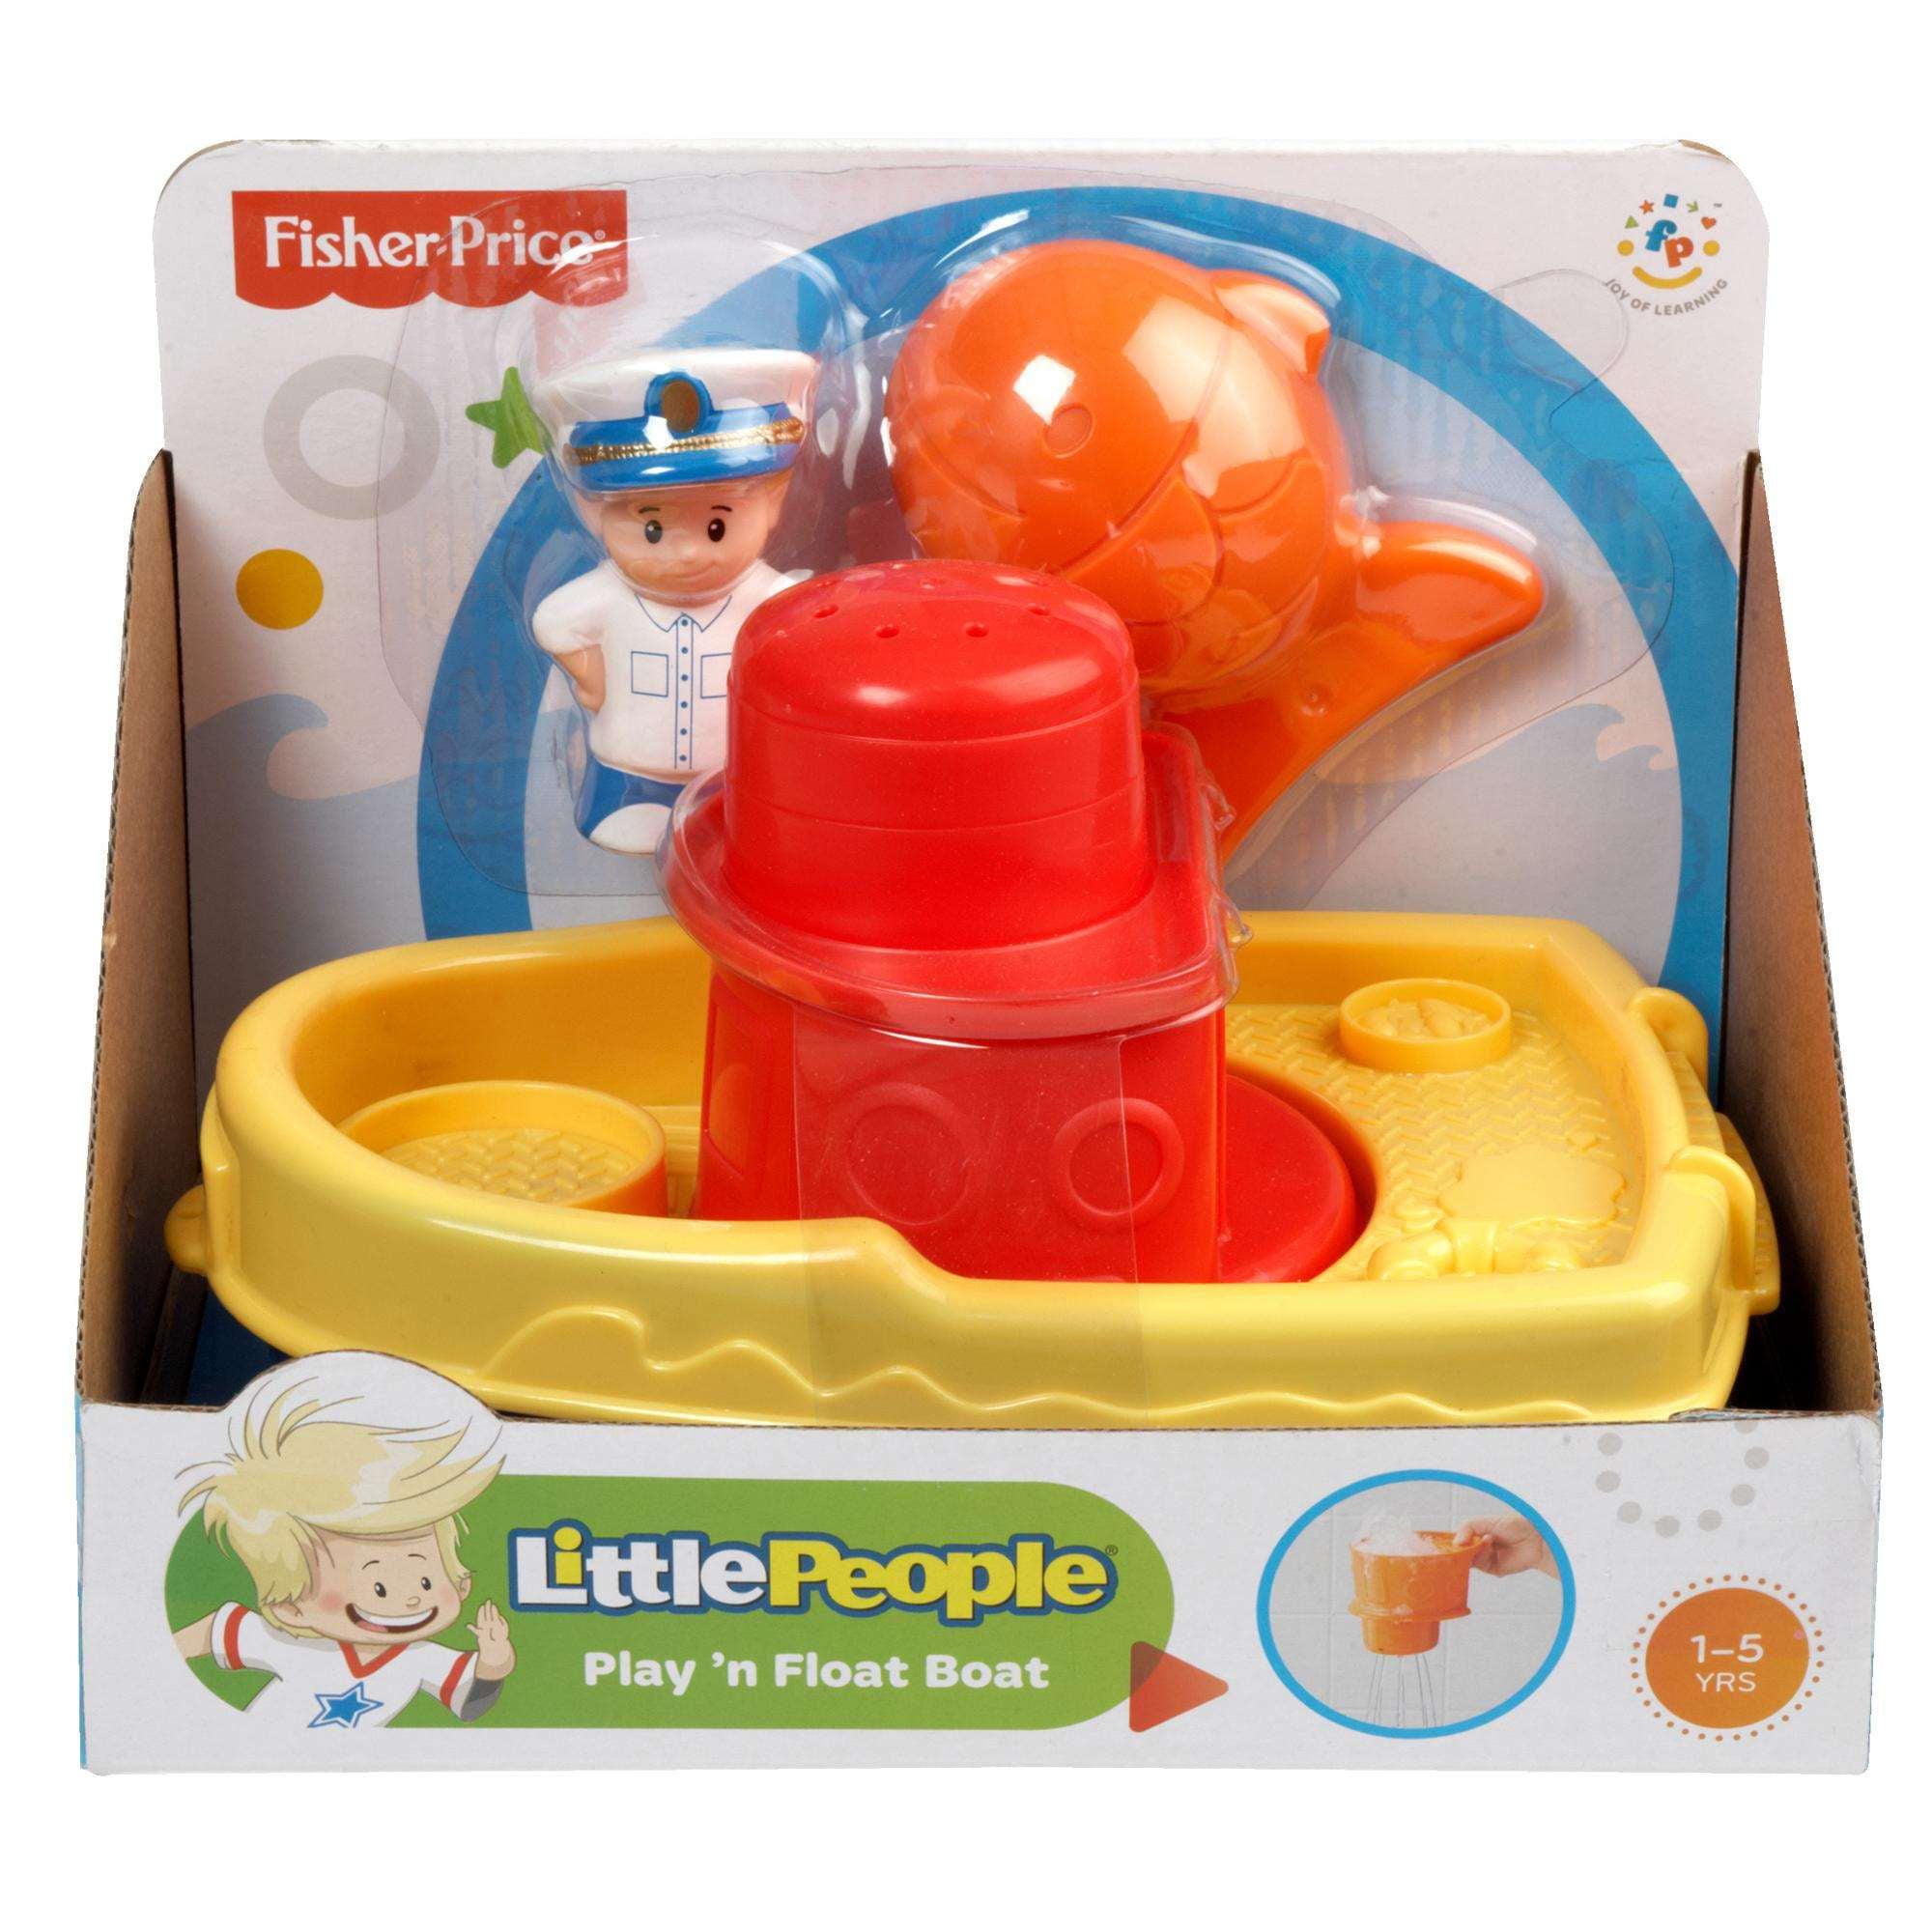 Little People Play 'N Float Bath Boat